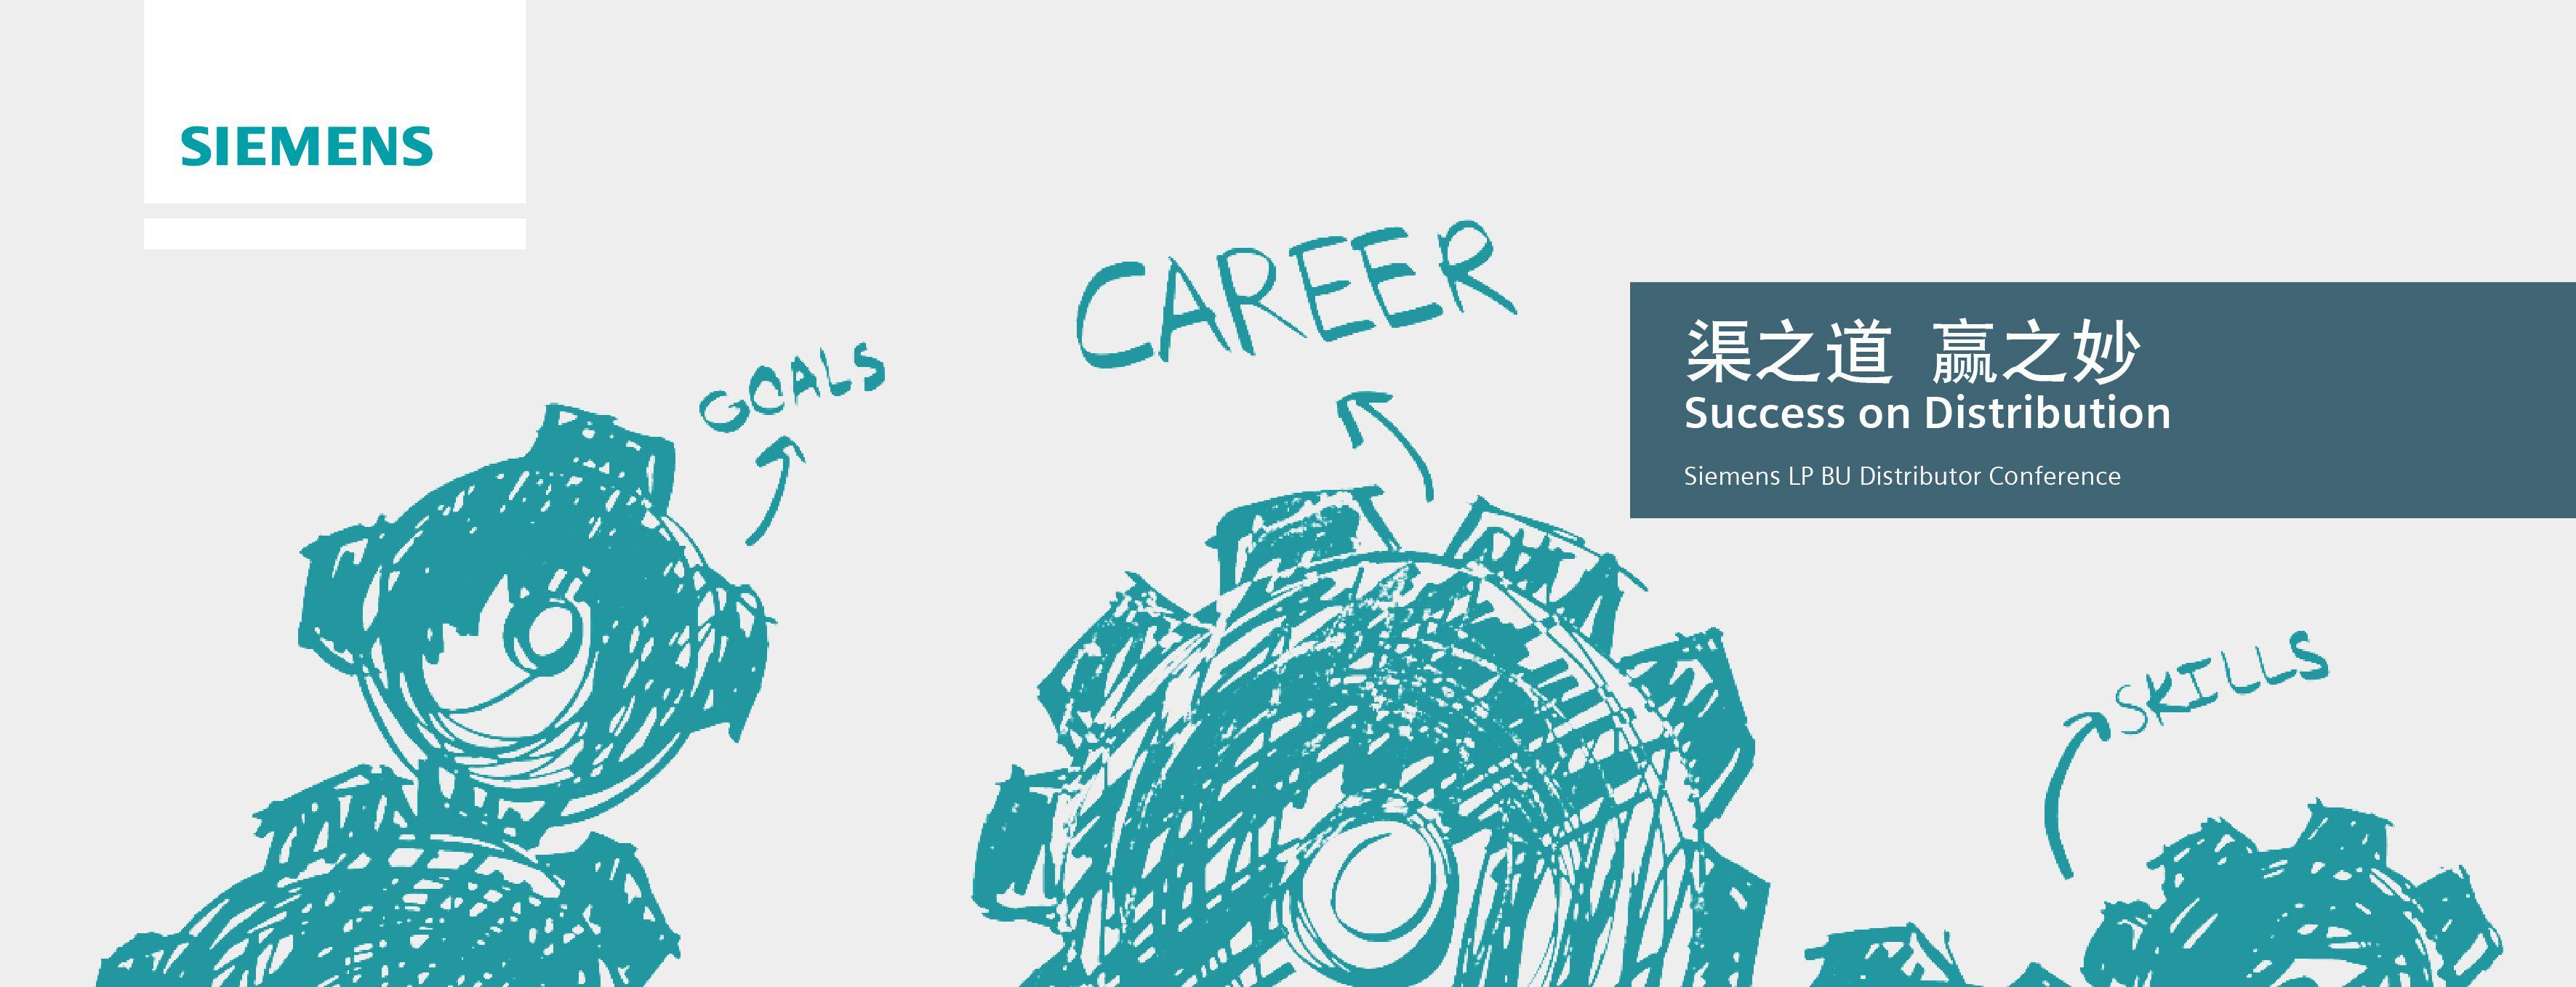 上海西乾自动化科技有限公司